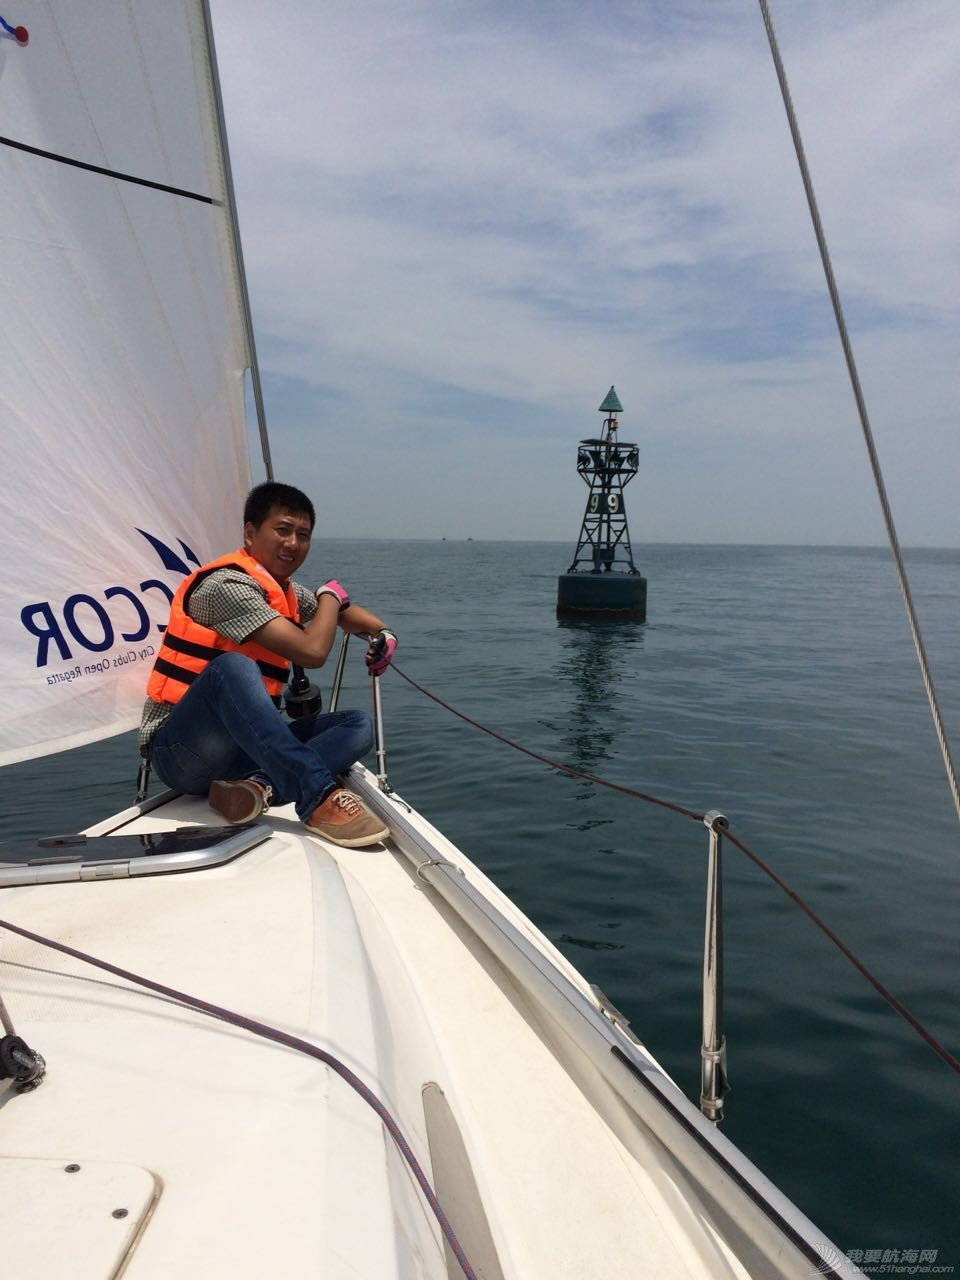 玩儿帆船是一种生活方式 IMG_9248.JPG